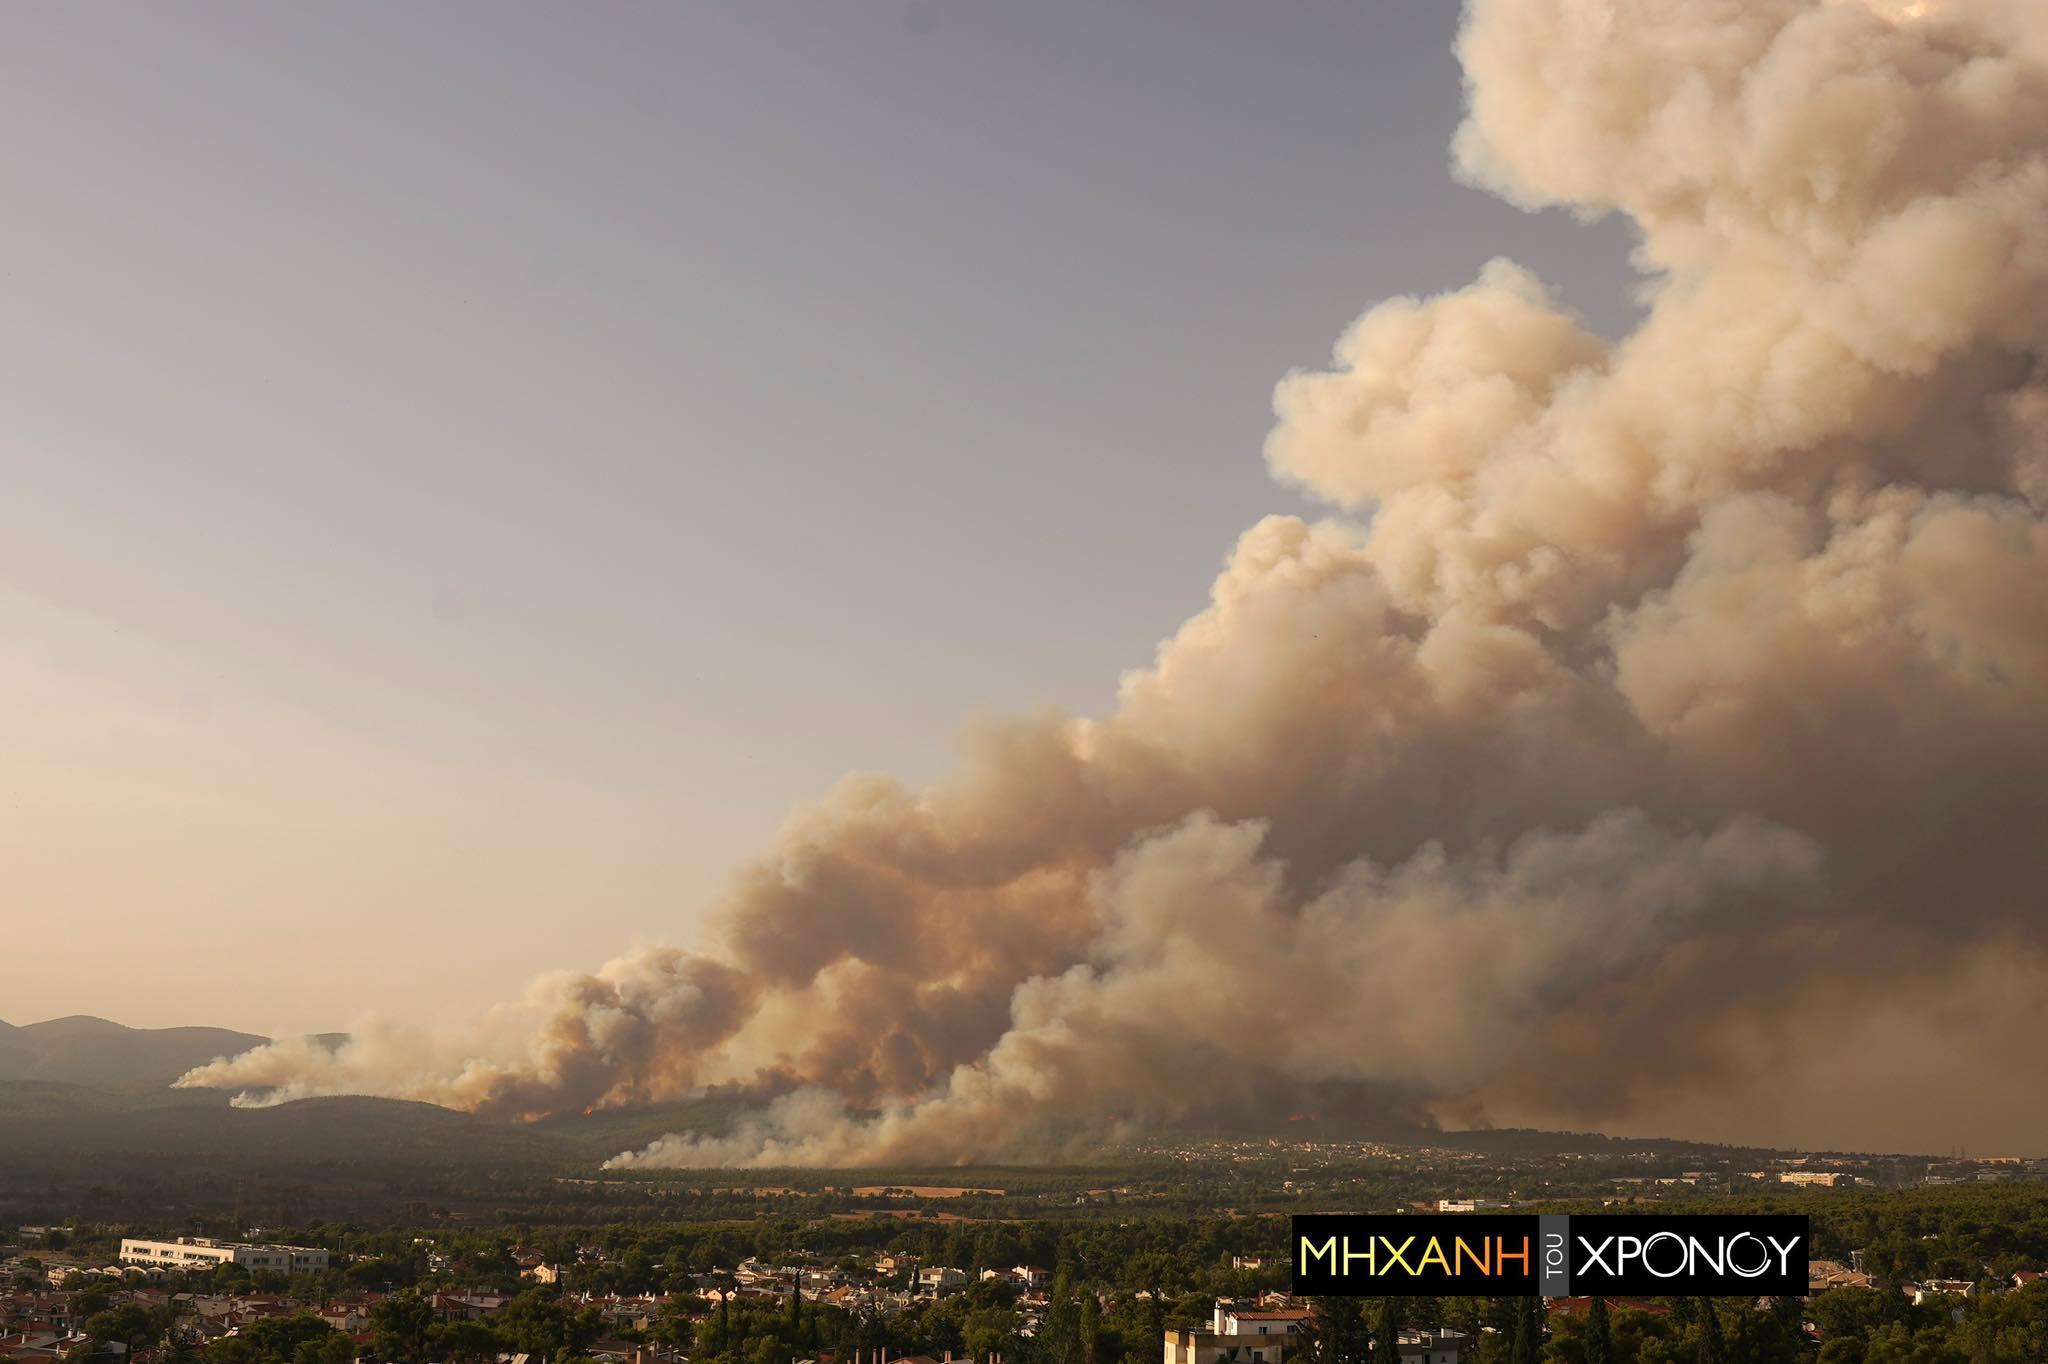 24 ώρες μέσα σε ένα λεπτό! H καταστροφική πυρκαγιά της Αττικής σε Time Lapse. Δείτε πως έγινε η αναζωπύρωση